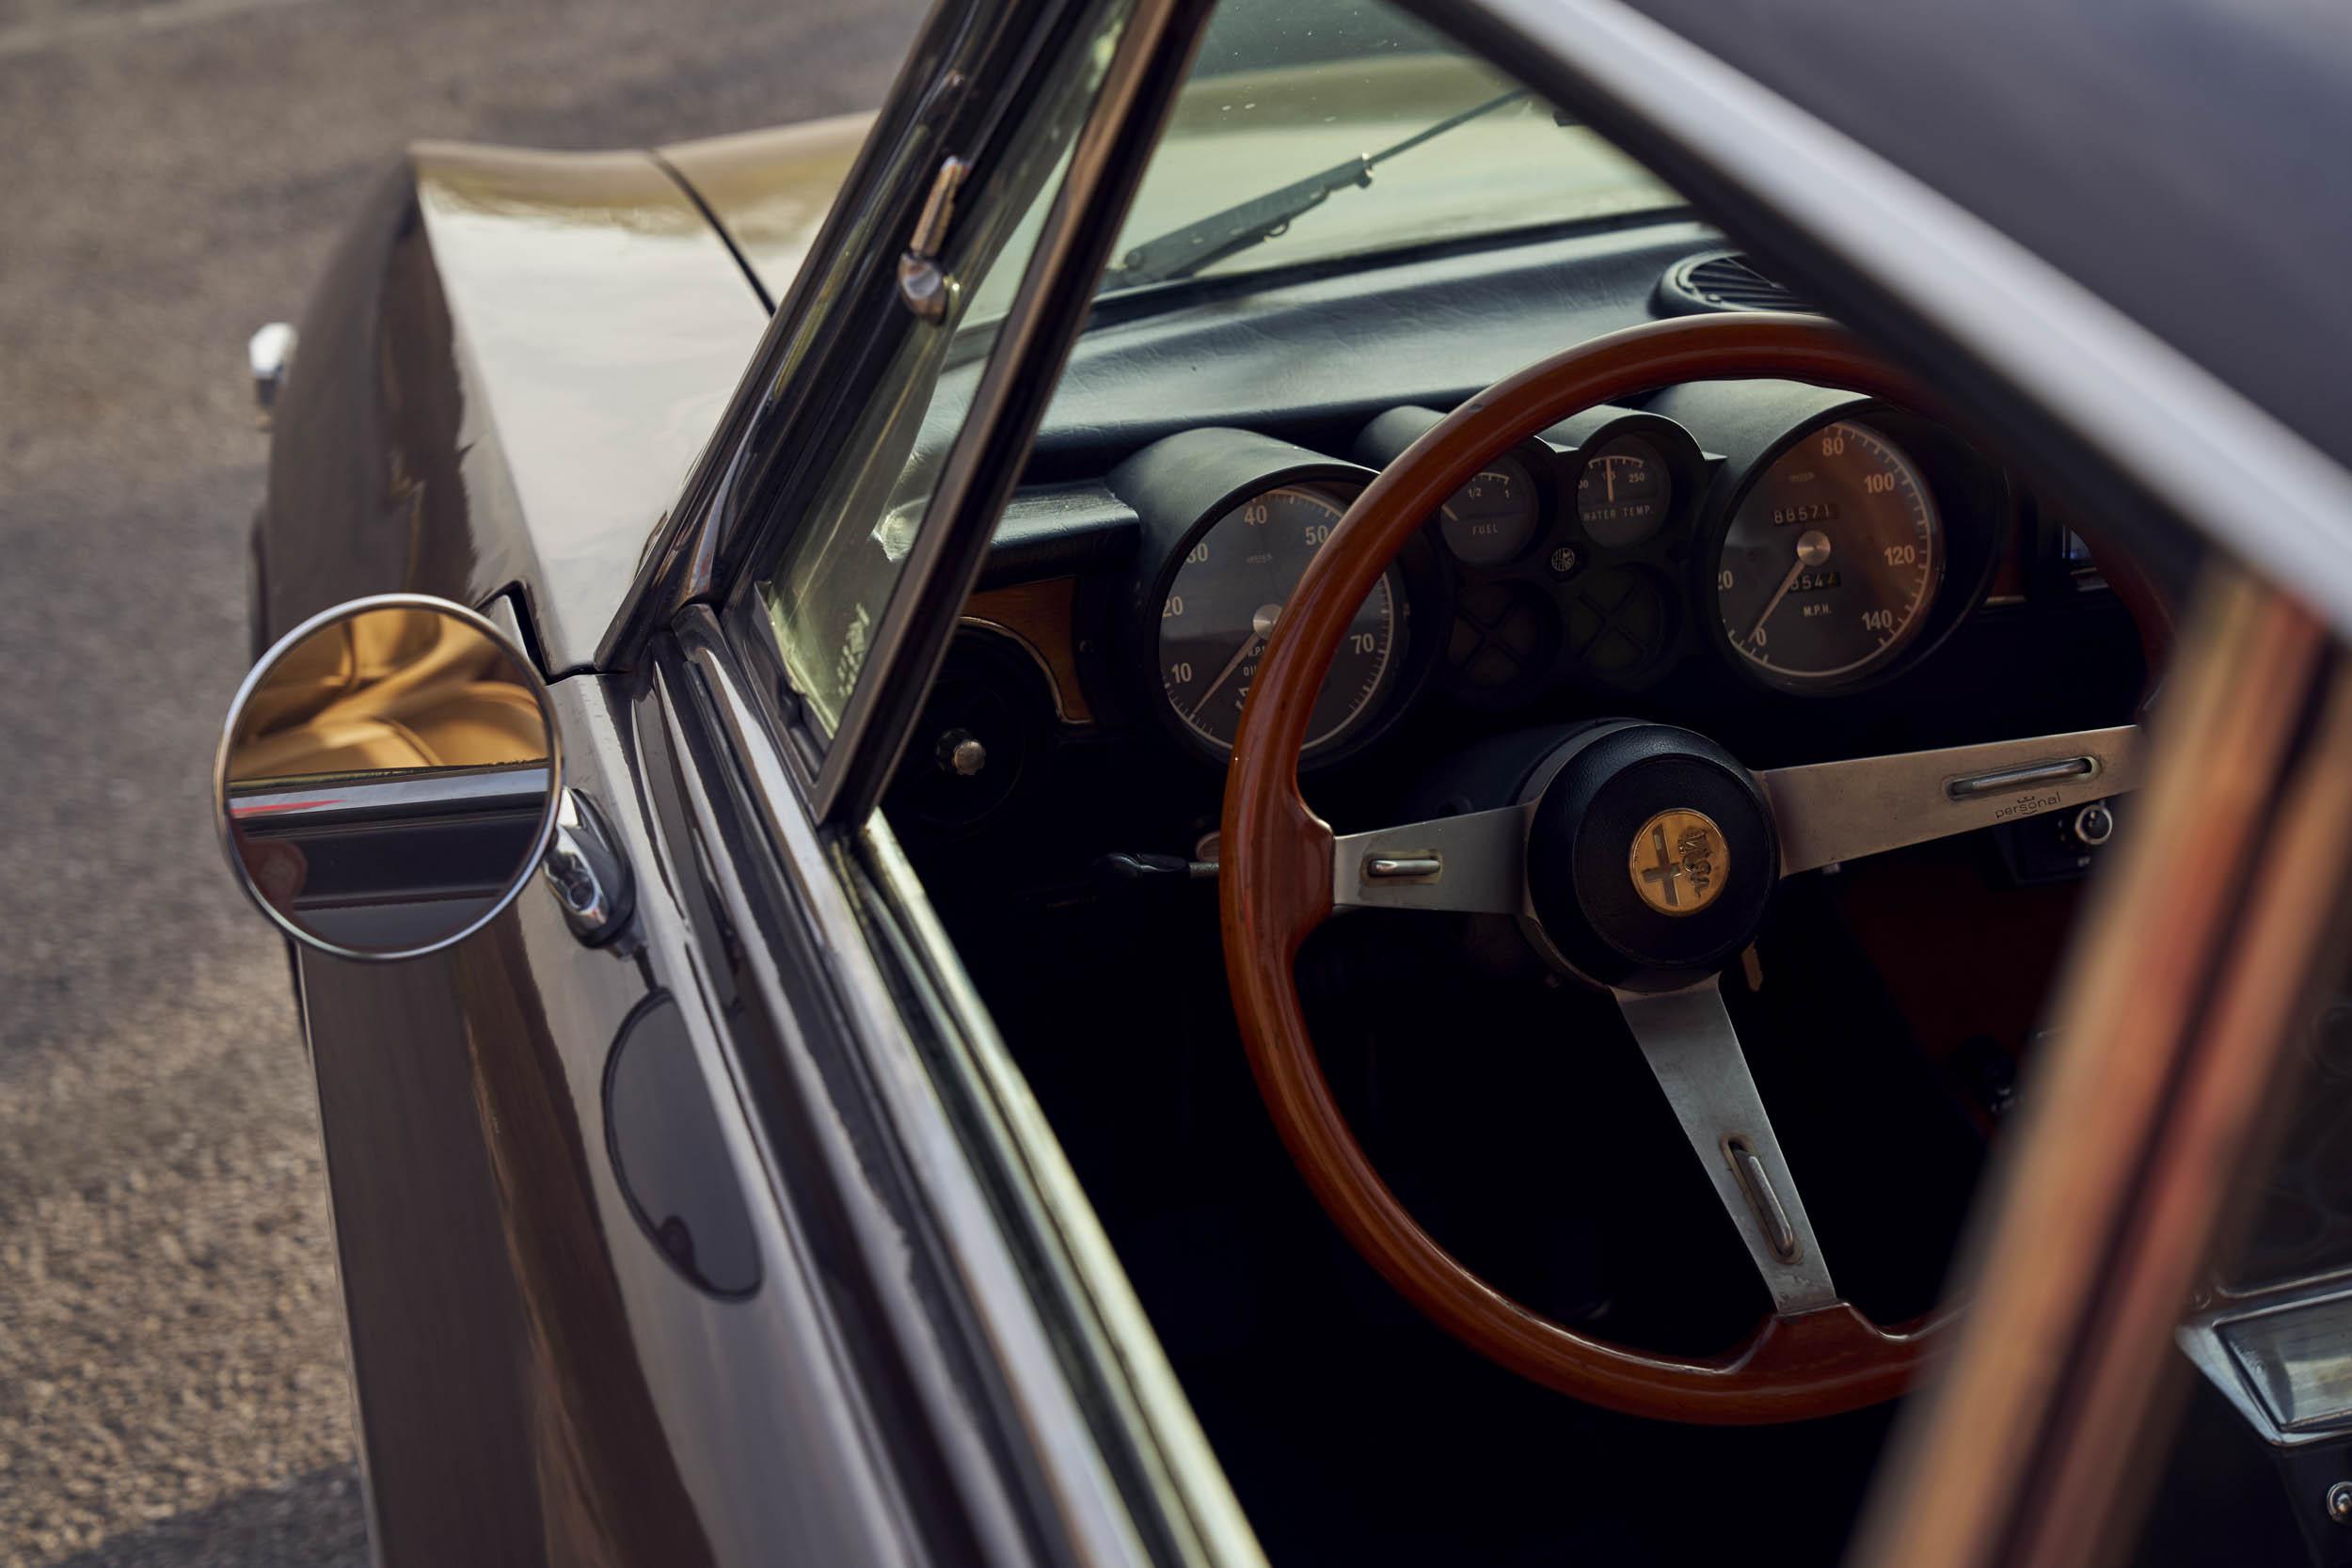 1974 Alfa Romeo GTV 2000 steeringwheel